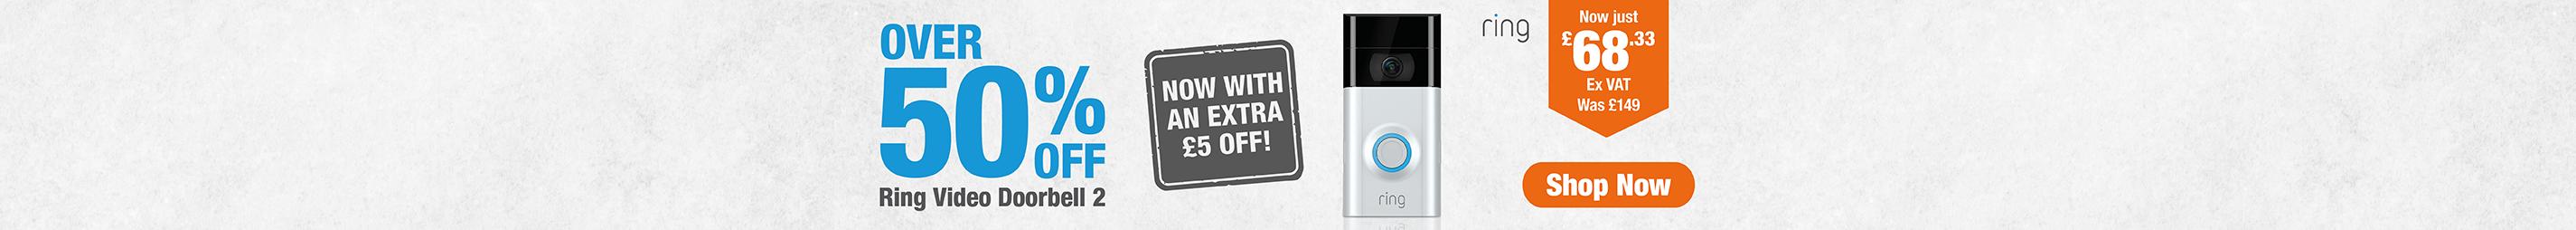 Over 50% off Ring Video Doorbell 2